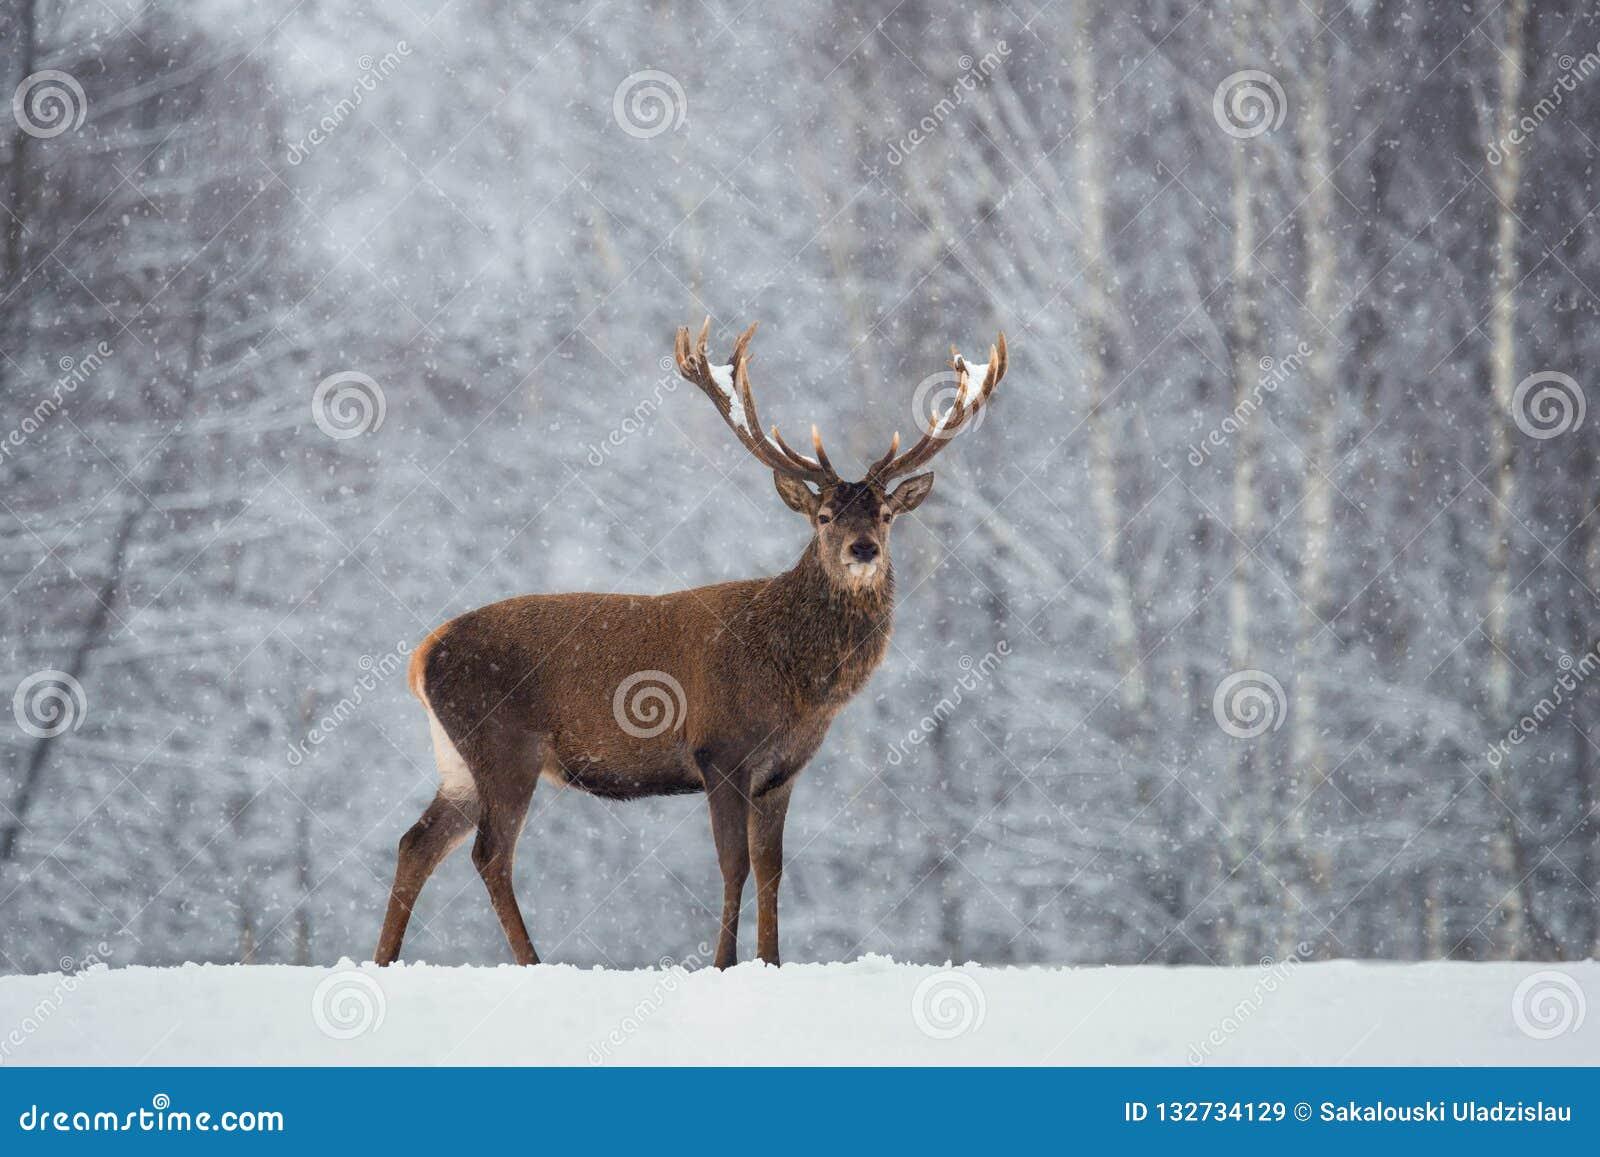 Bożenarodzeniowy Sceniczny przyroda krajobraz Z Czerwonymi Szlachetnymi Jelenimi I Spadają płatek śniegu Dorosły Jeleni Cervus El